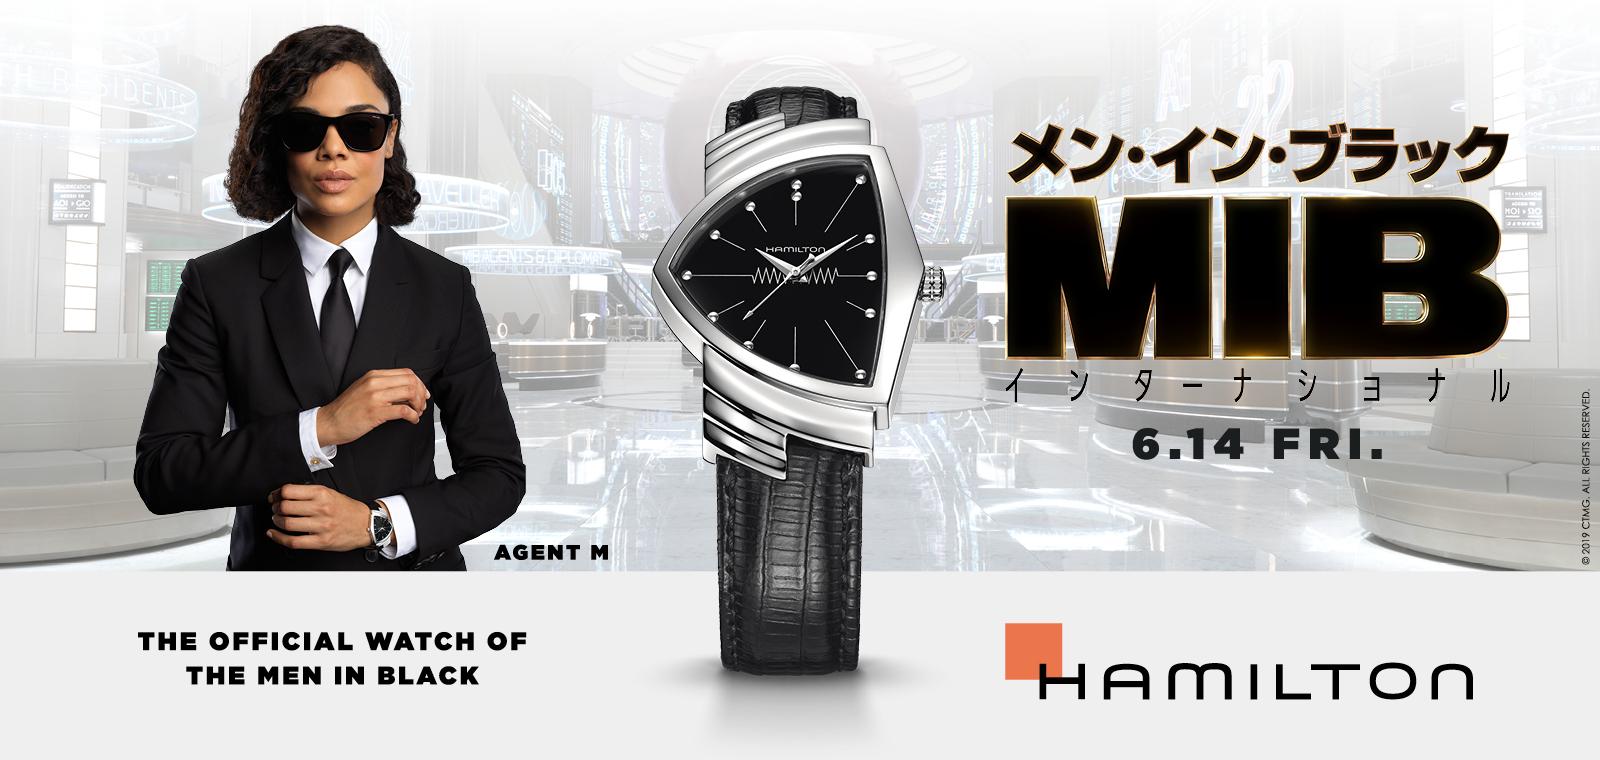 ハミルトン『メン・イン・ブラック™:インターナショナル』